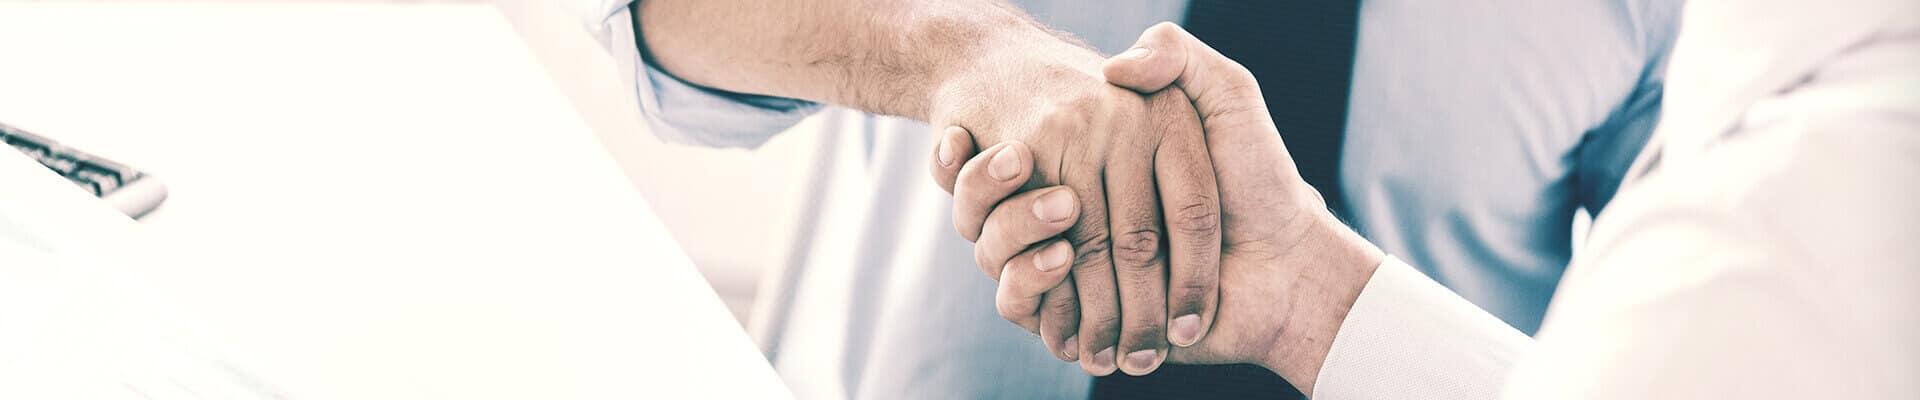 Einigkeit bei der Unternehmensnachfolge - RVR Rechtsanwälte bieten steuerrechtliche Rechtsberatung.